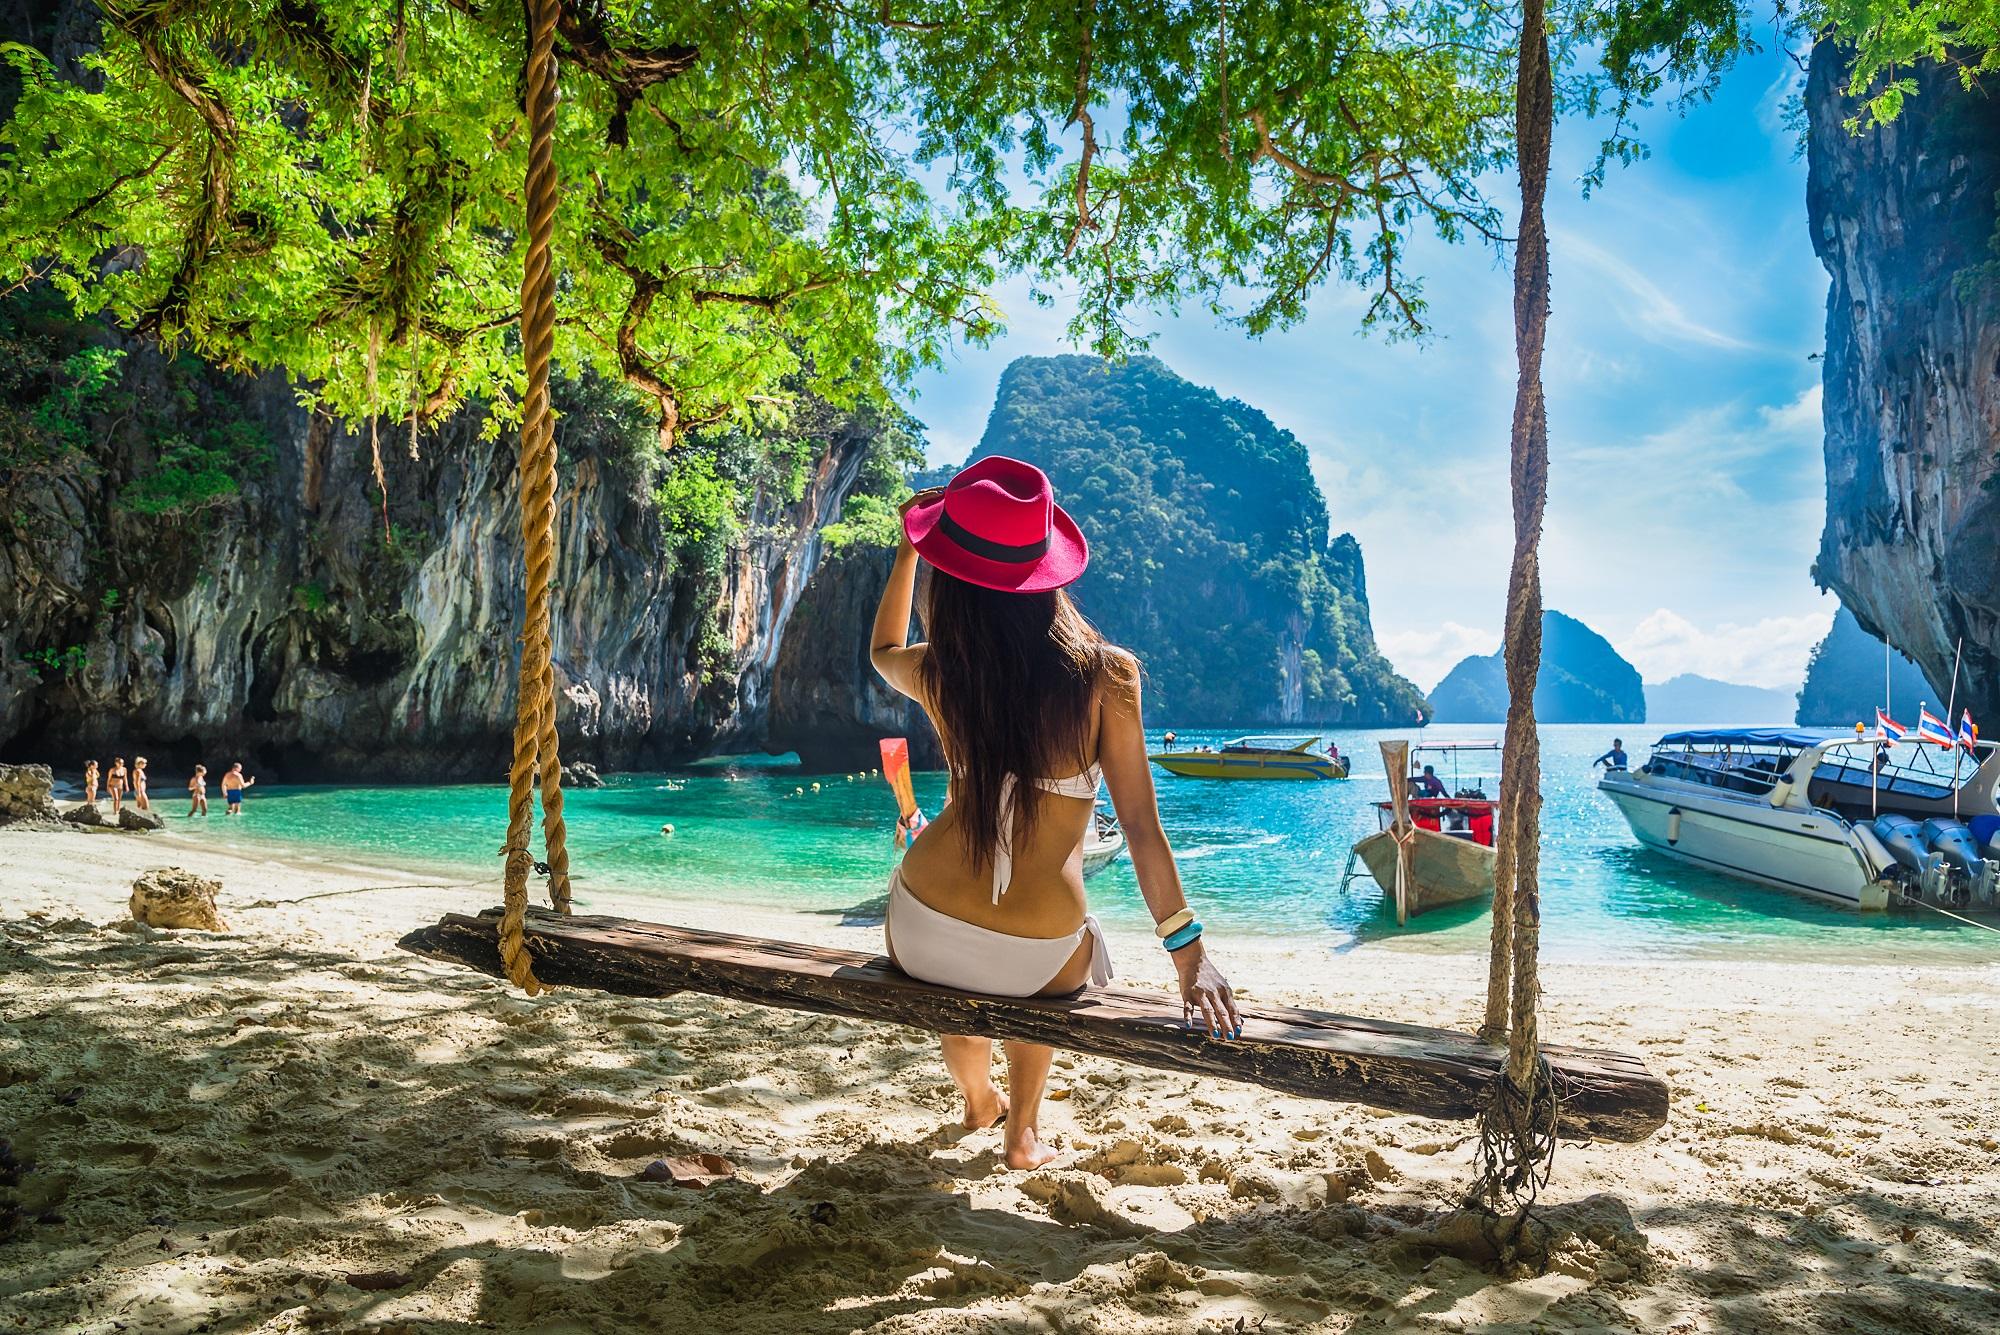 [Chia sẻ] Khám phá du lịch Krabi, Thái Lan